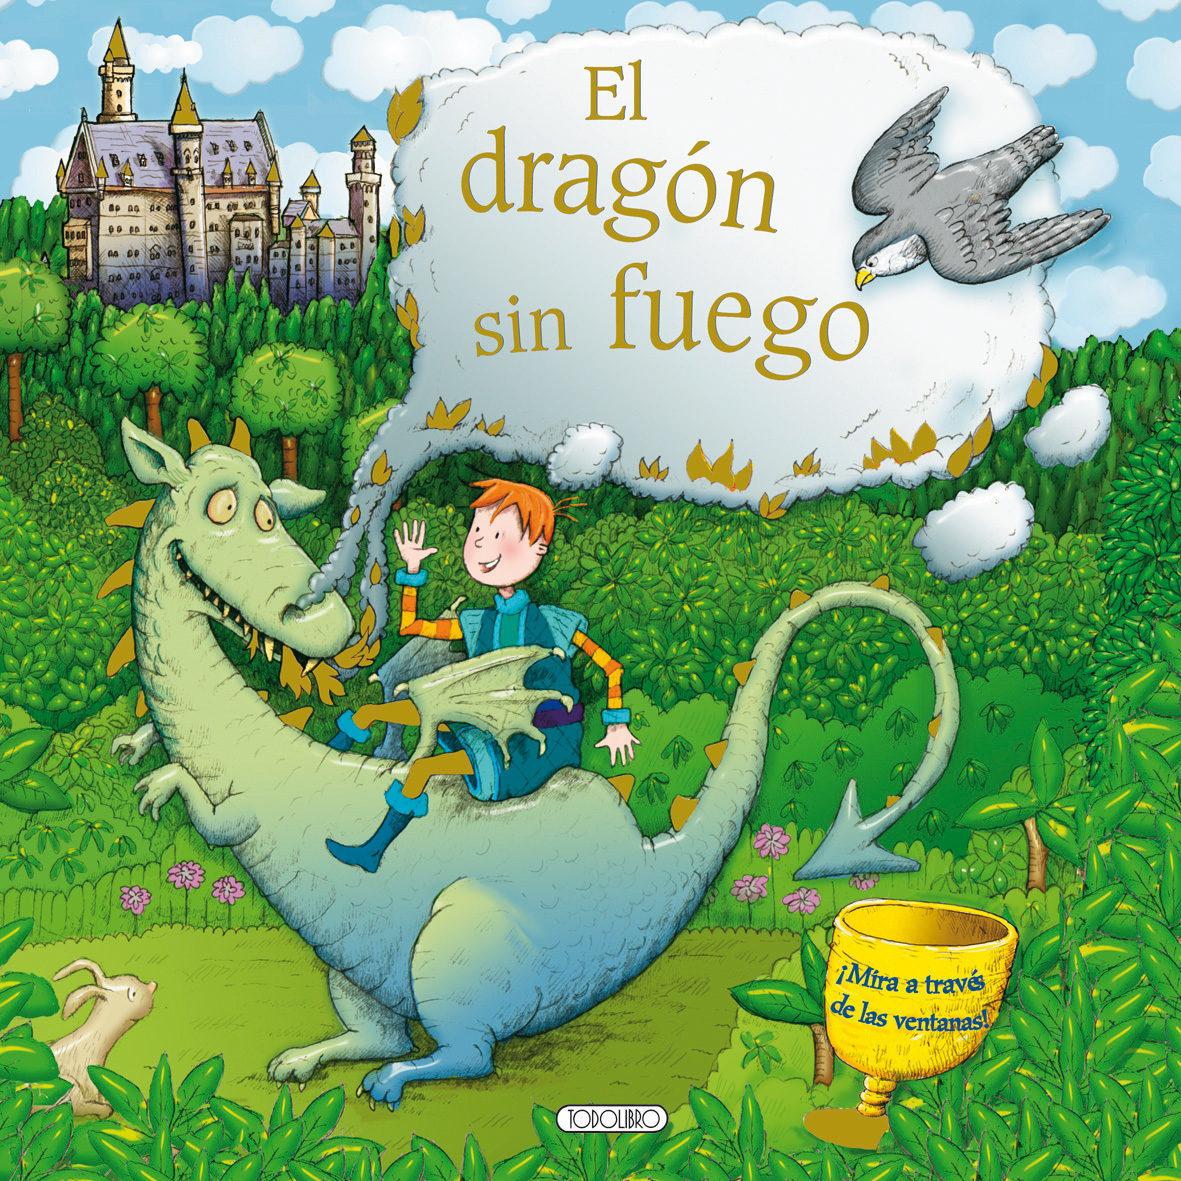 El dragón sin fuego